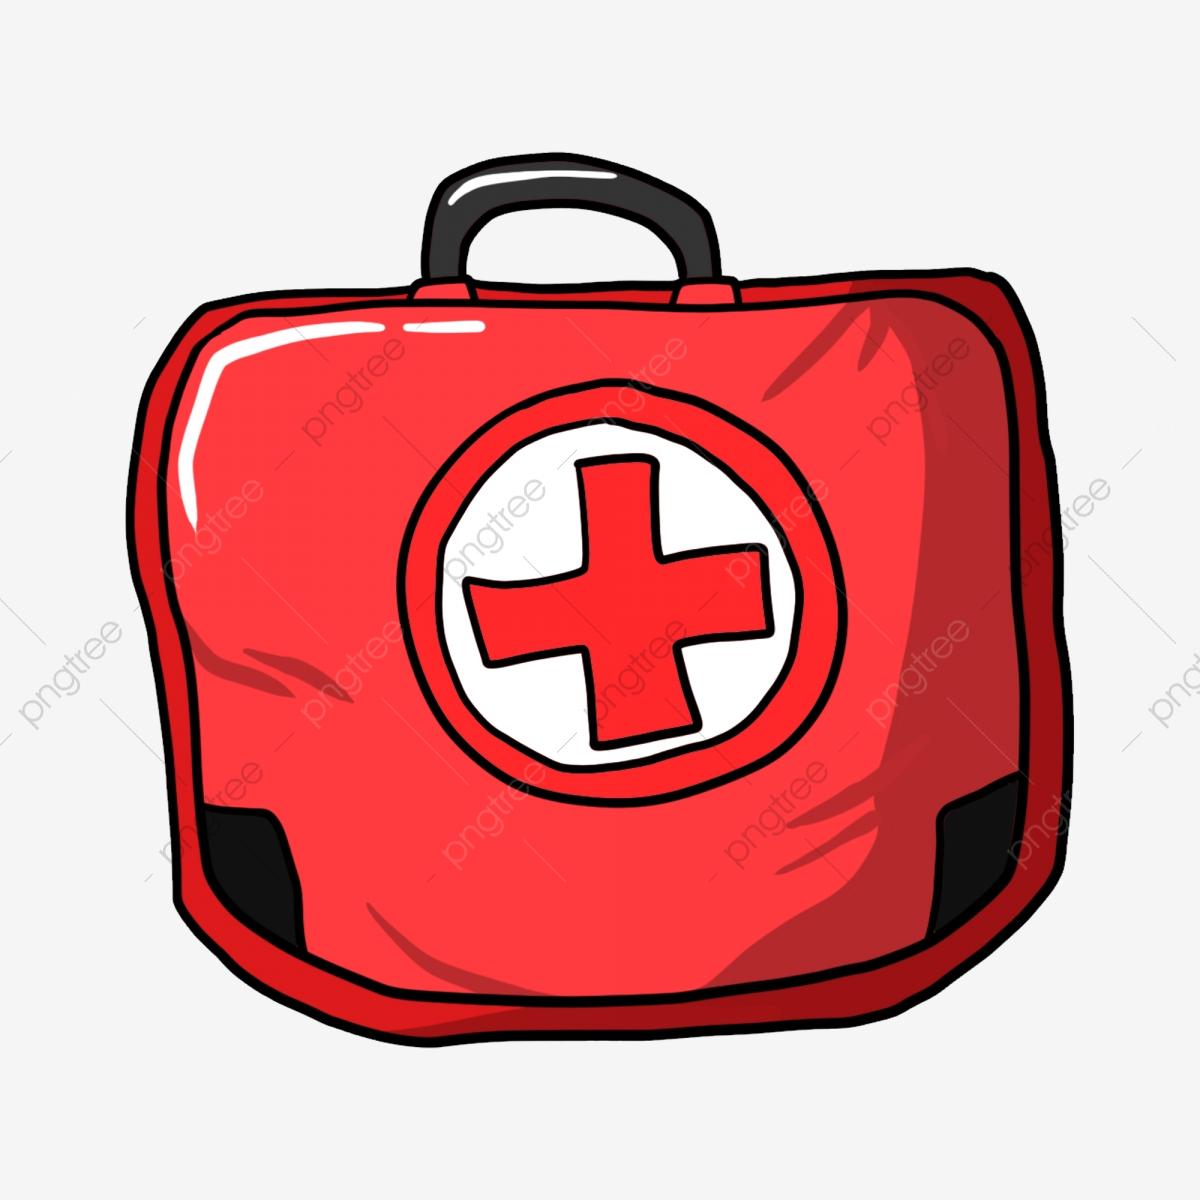 Botiquín Rojo De Primeros Auxilios Sociedad De La Cruz Roja Bolsa.